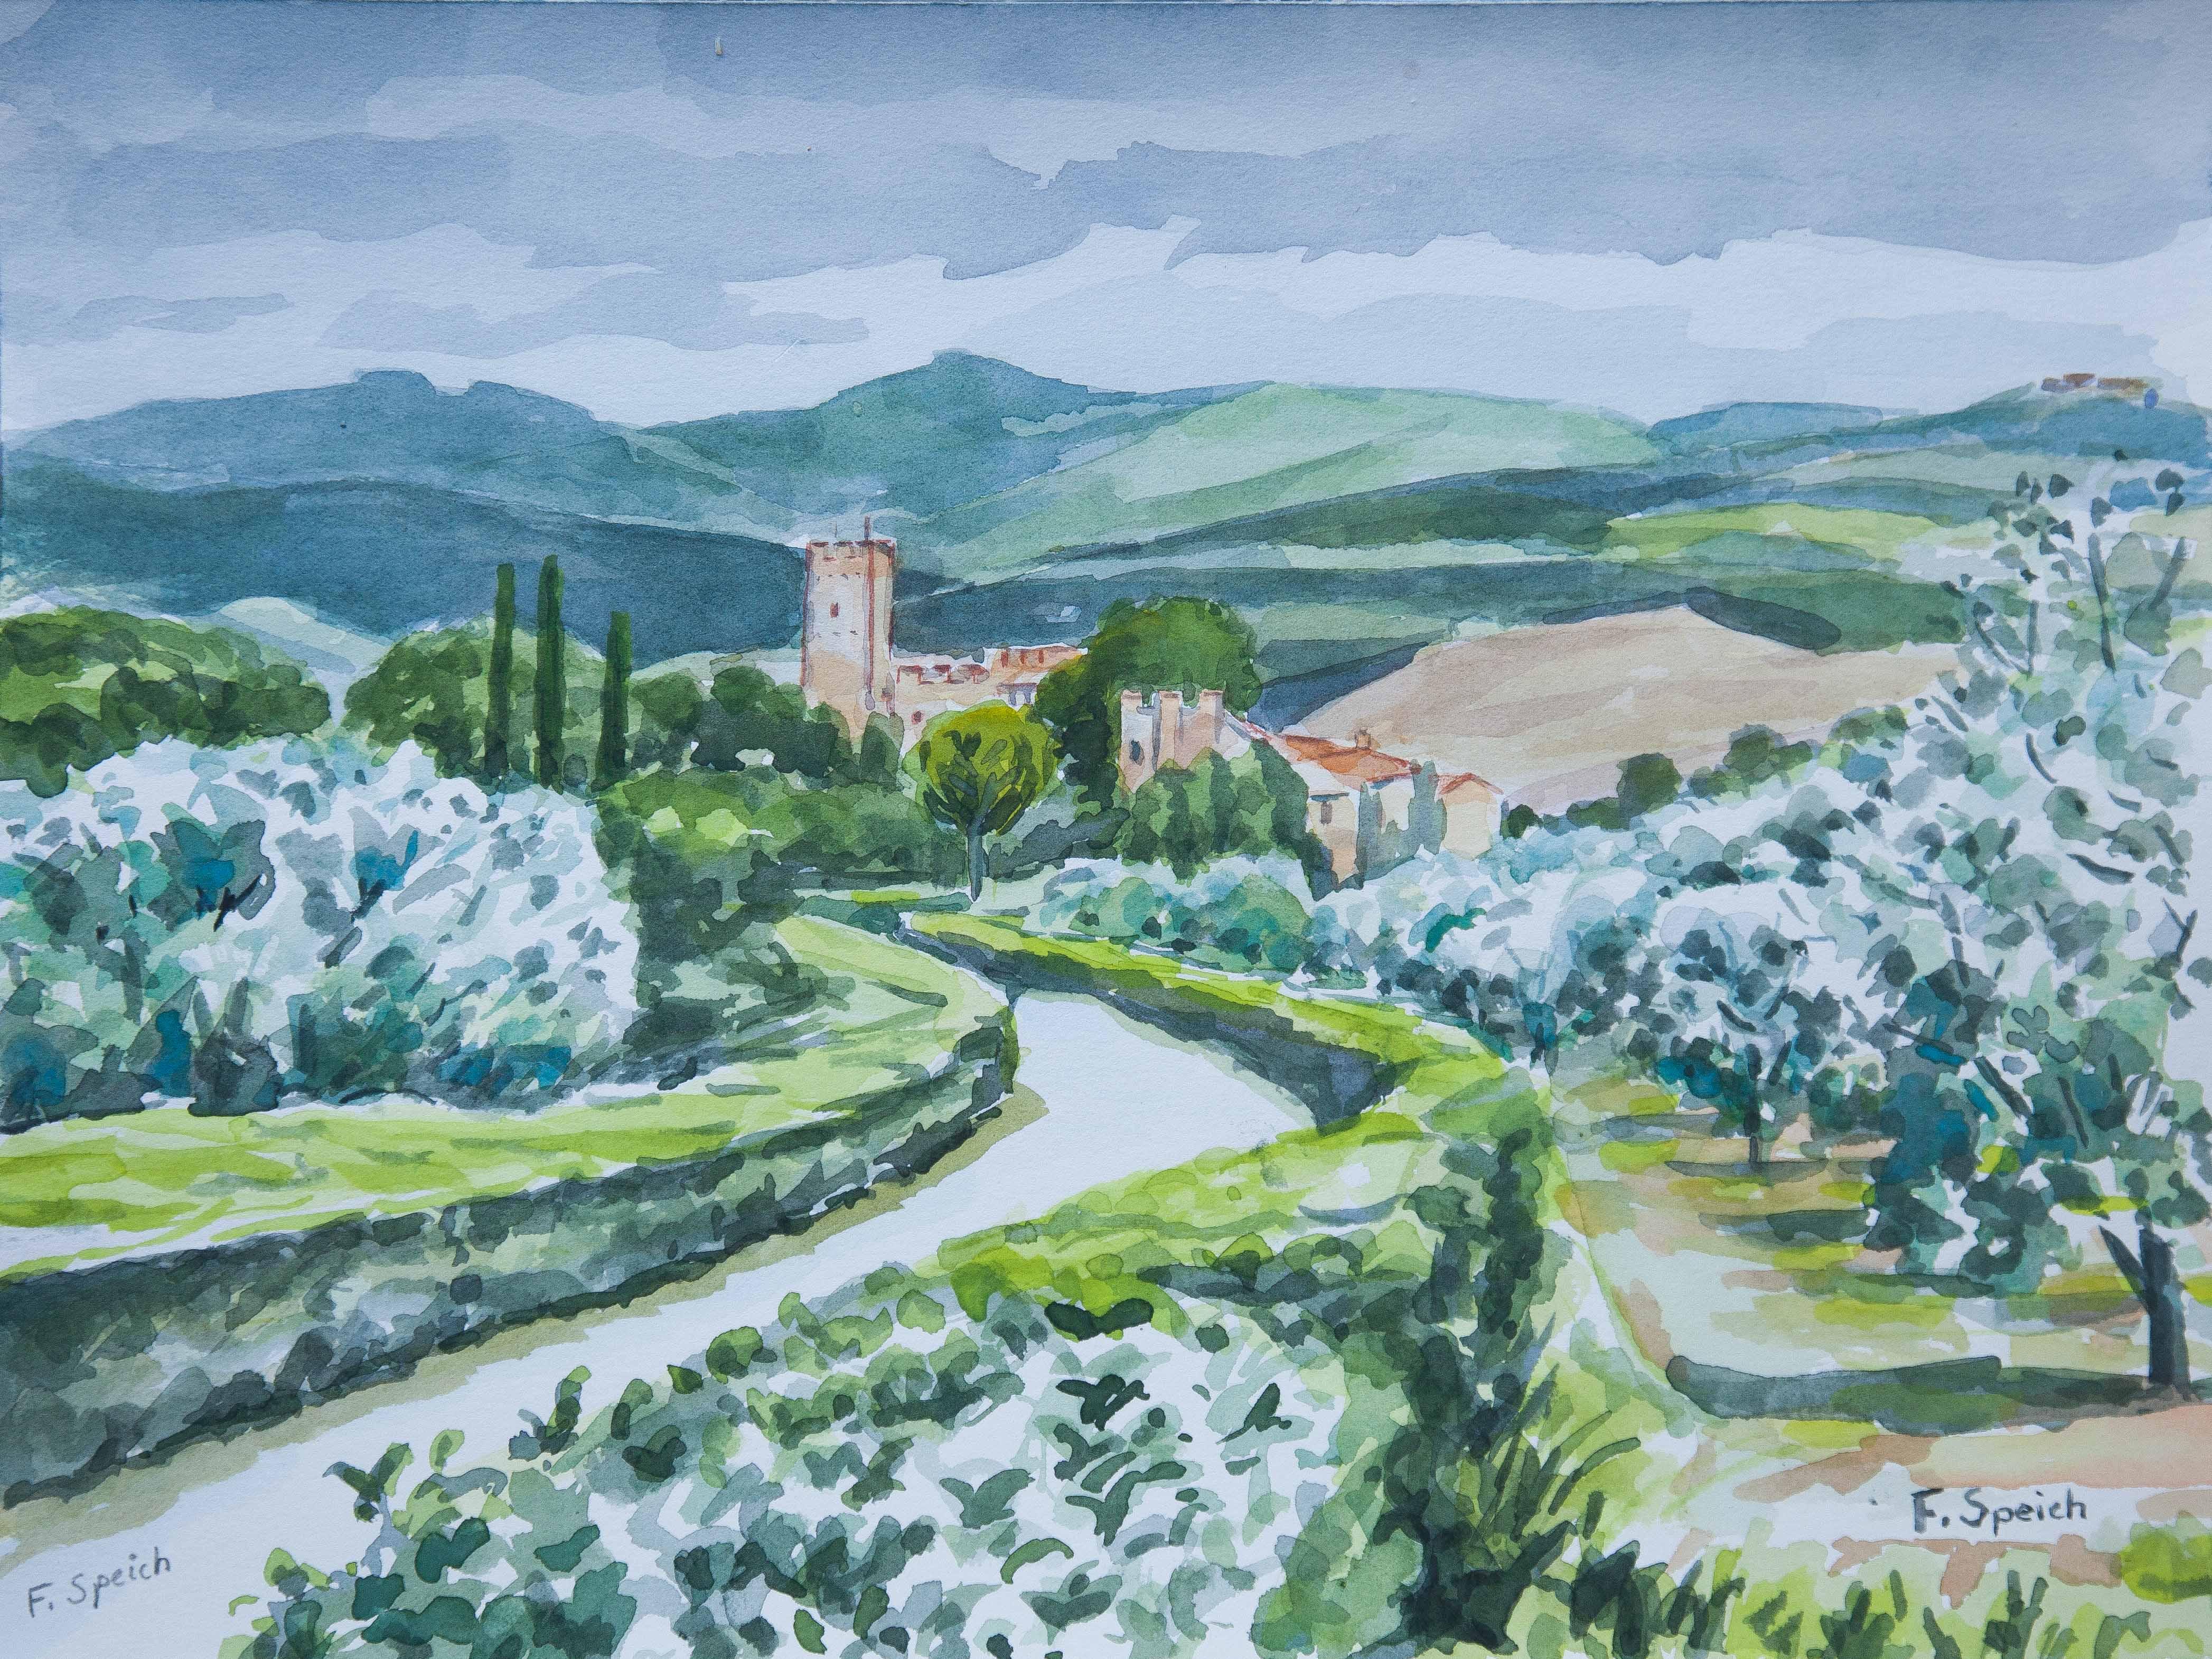 Italie - Chateau de Montalto